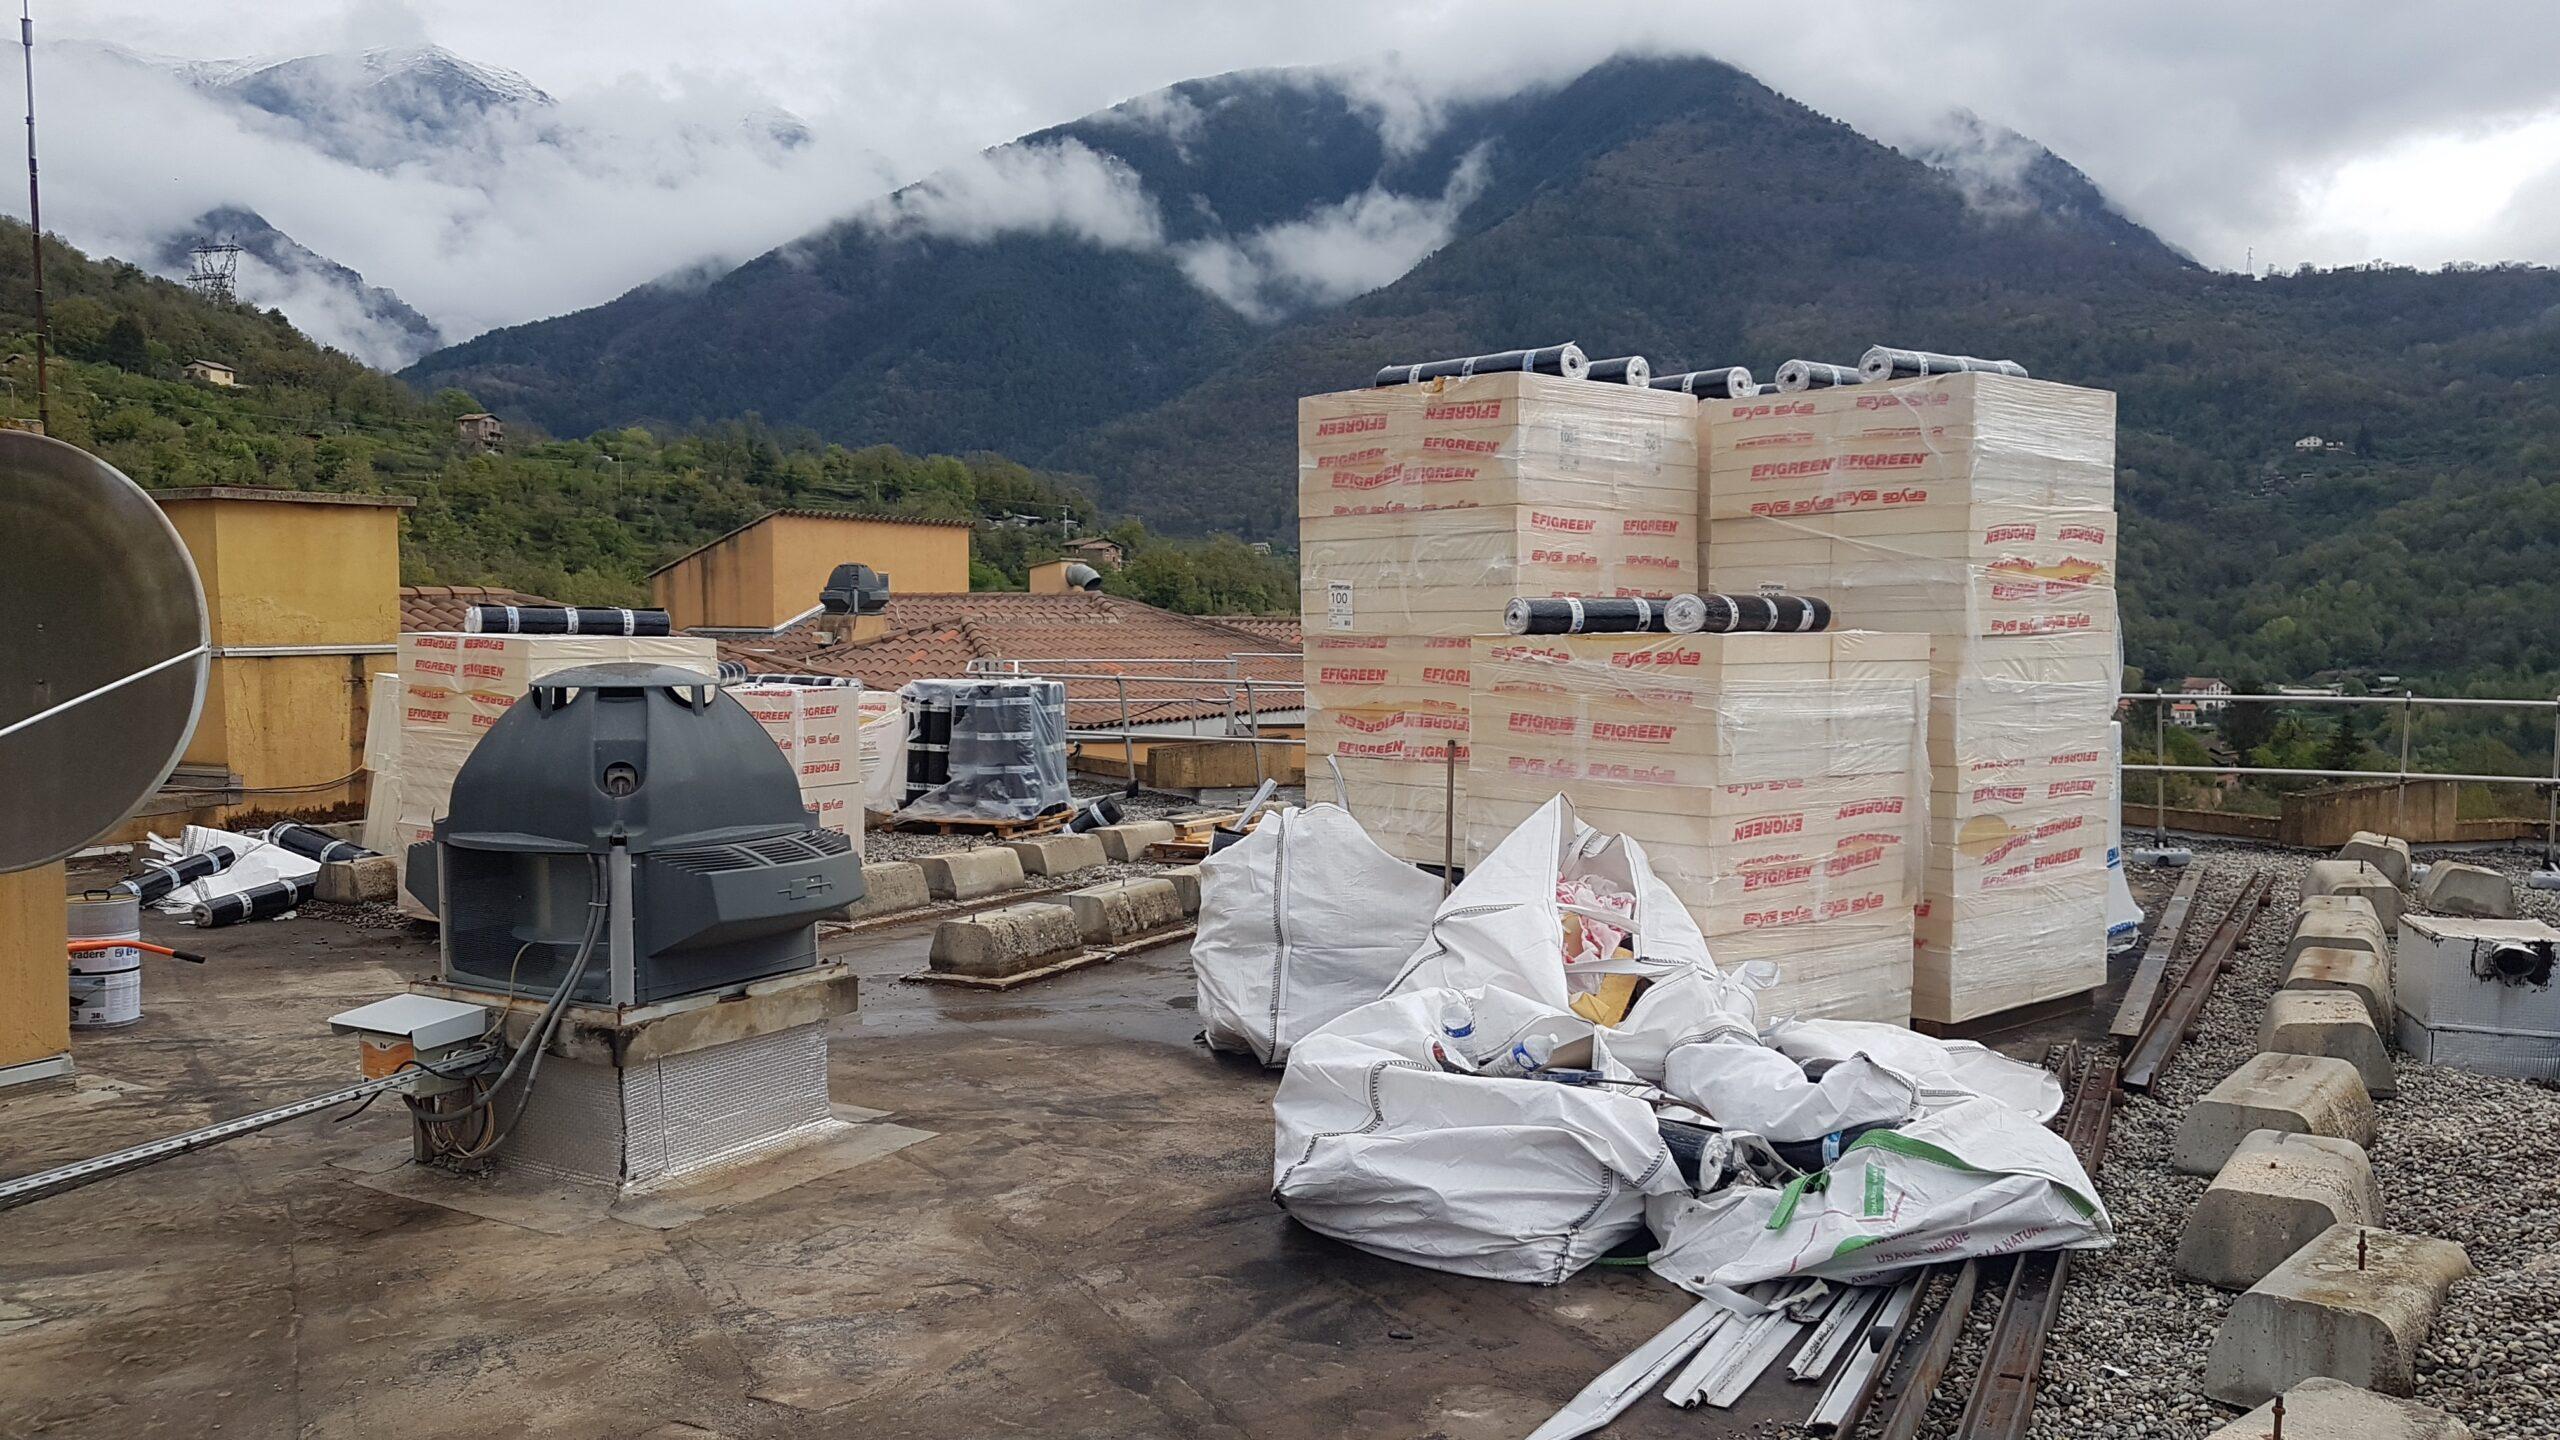 Réfection complète étanchéités toitures terrasses d'un hôpital à Roquebillière